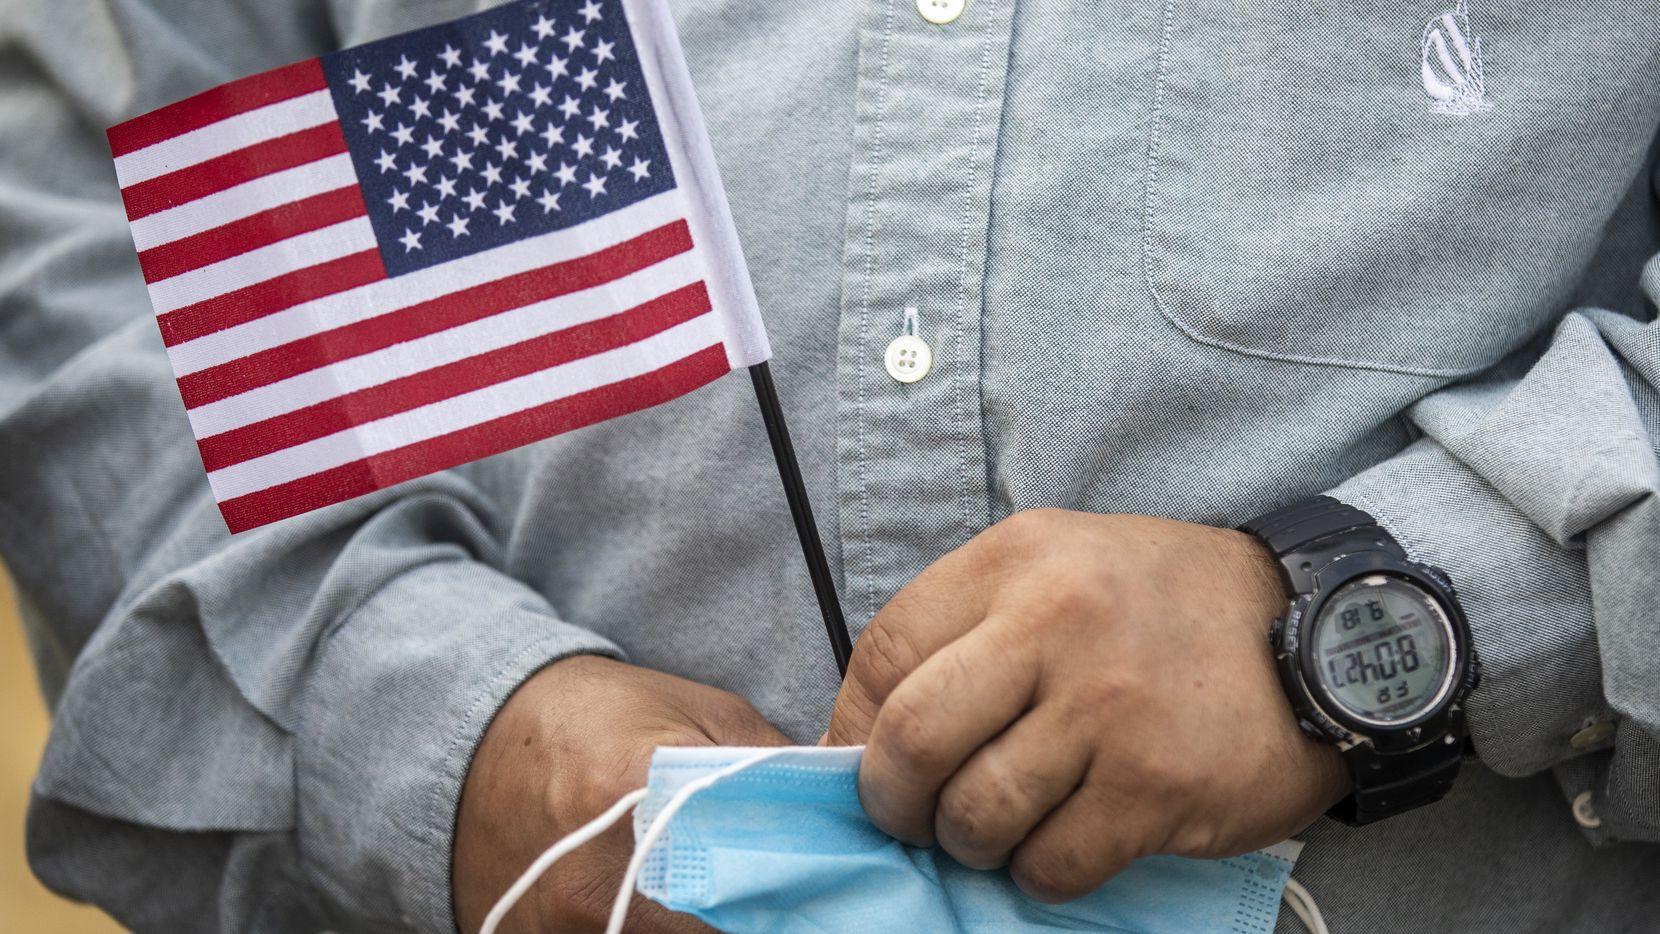 El Servicio de Ciudadanía e Inmigración reconoció que los funcionarios al frente de algunas ceremonias de naturalización dijeron a nuevos ciudadanos que no eran elegibles para votar.